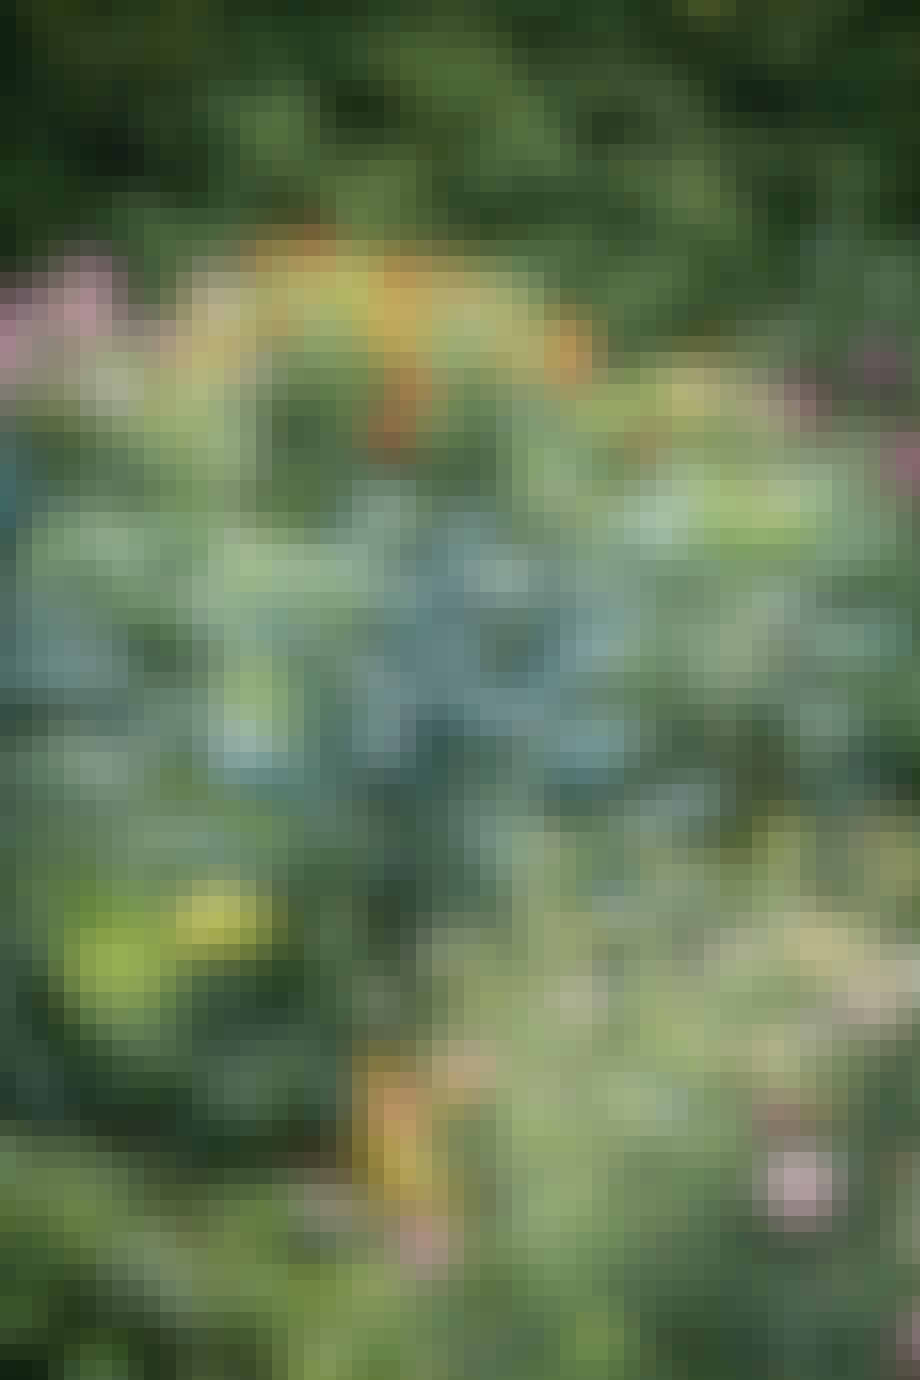 Køkkenhave dyrke grøntsager Dahlia blomster